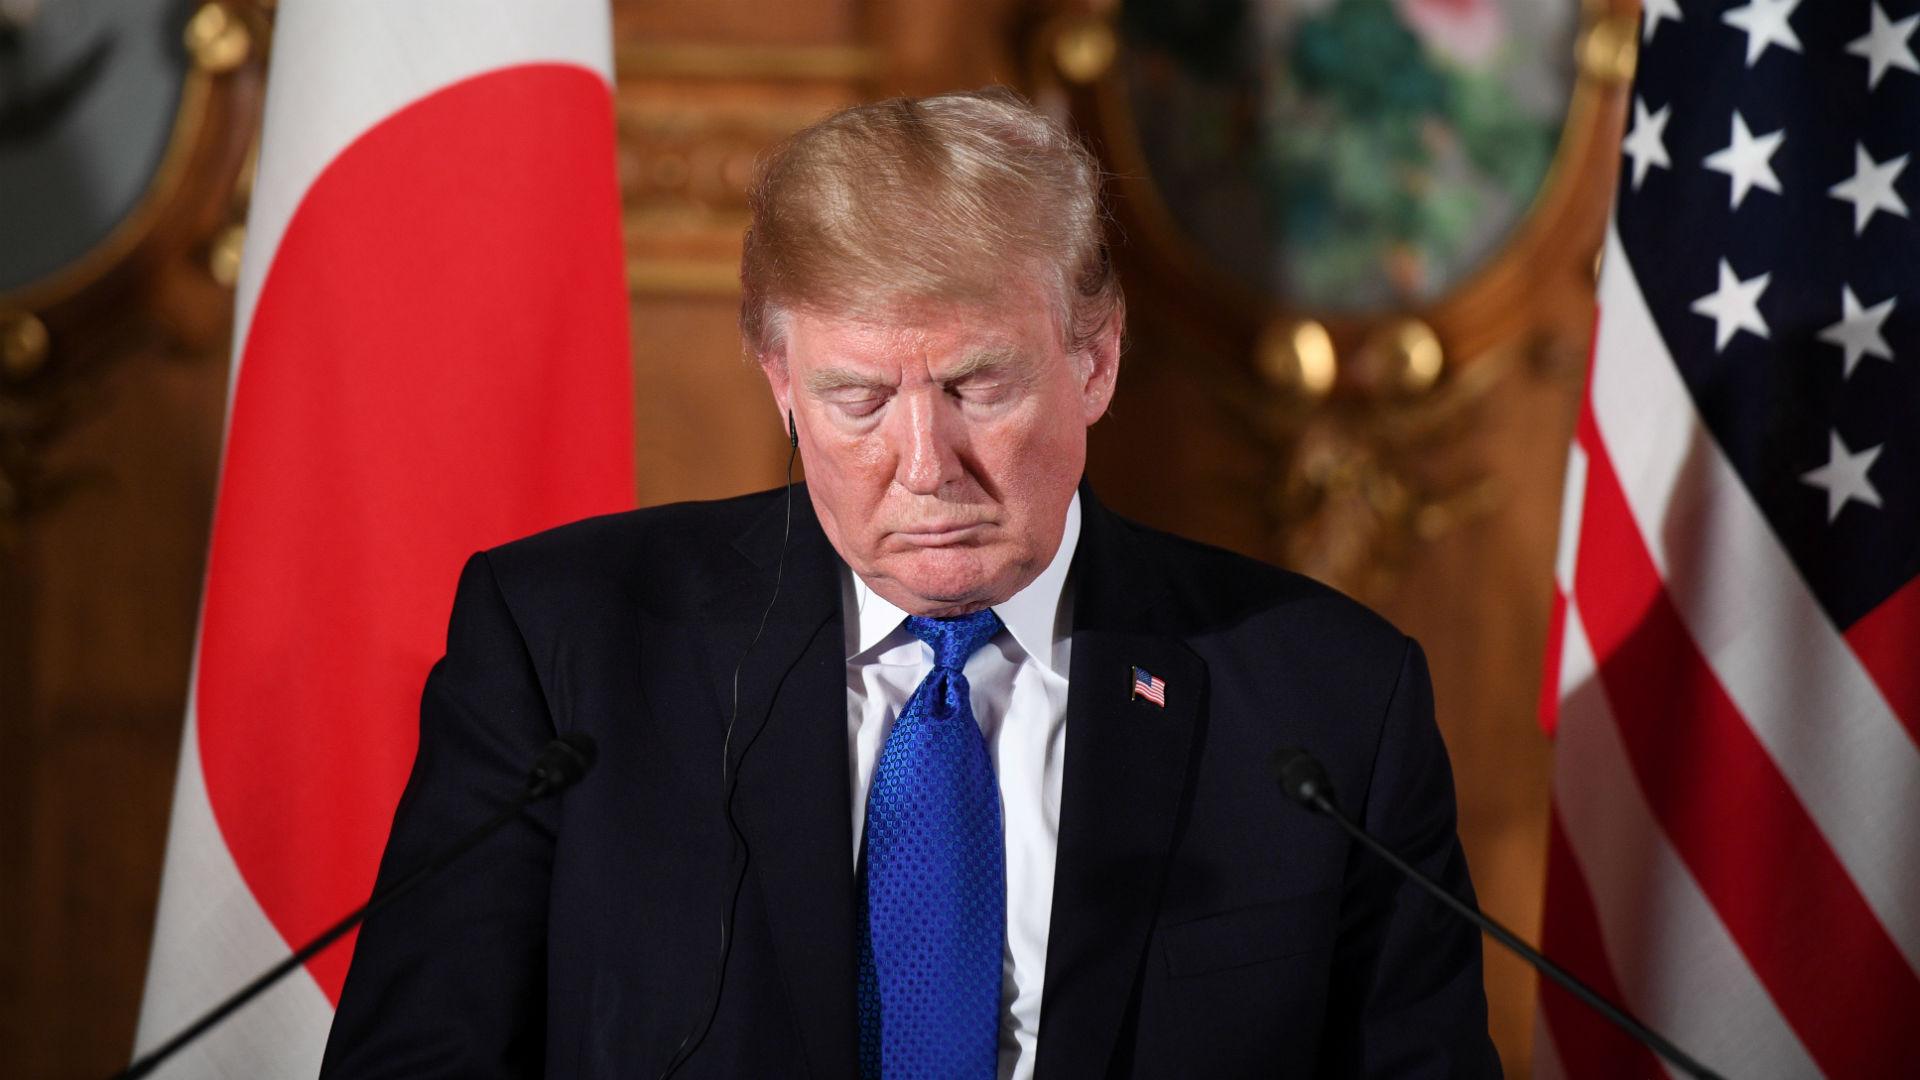 El presidente estadounidense Donald Trump durante la conferencia de prensa con el primer ministro japonés, Shinzo Abe (AFP)